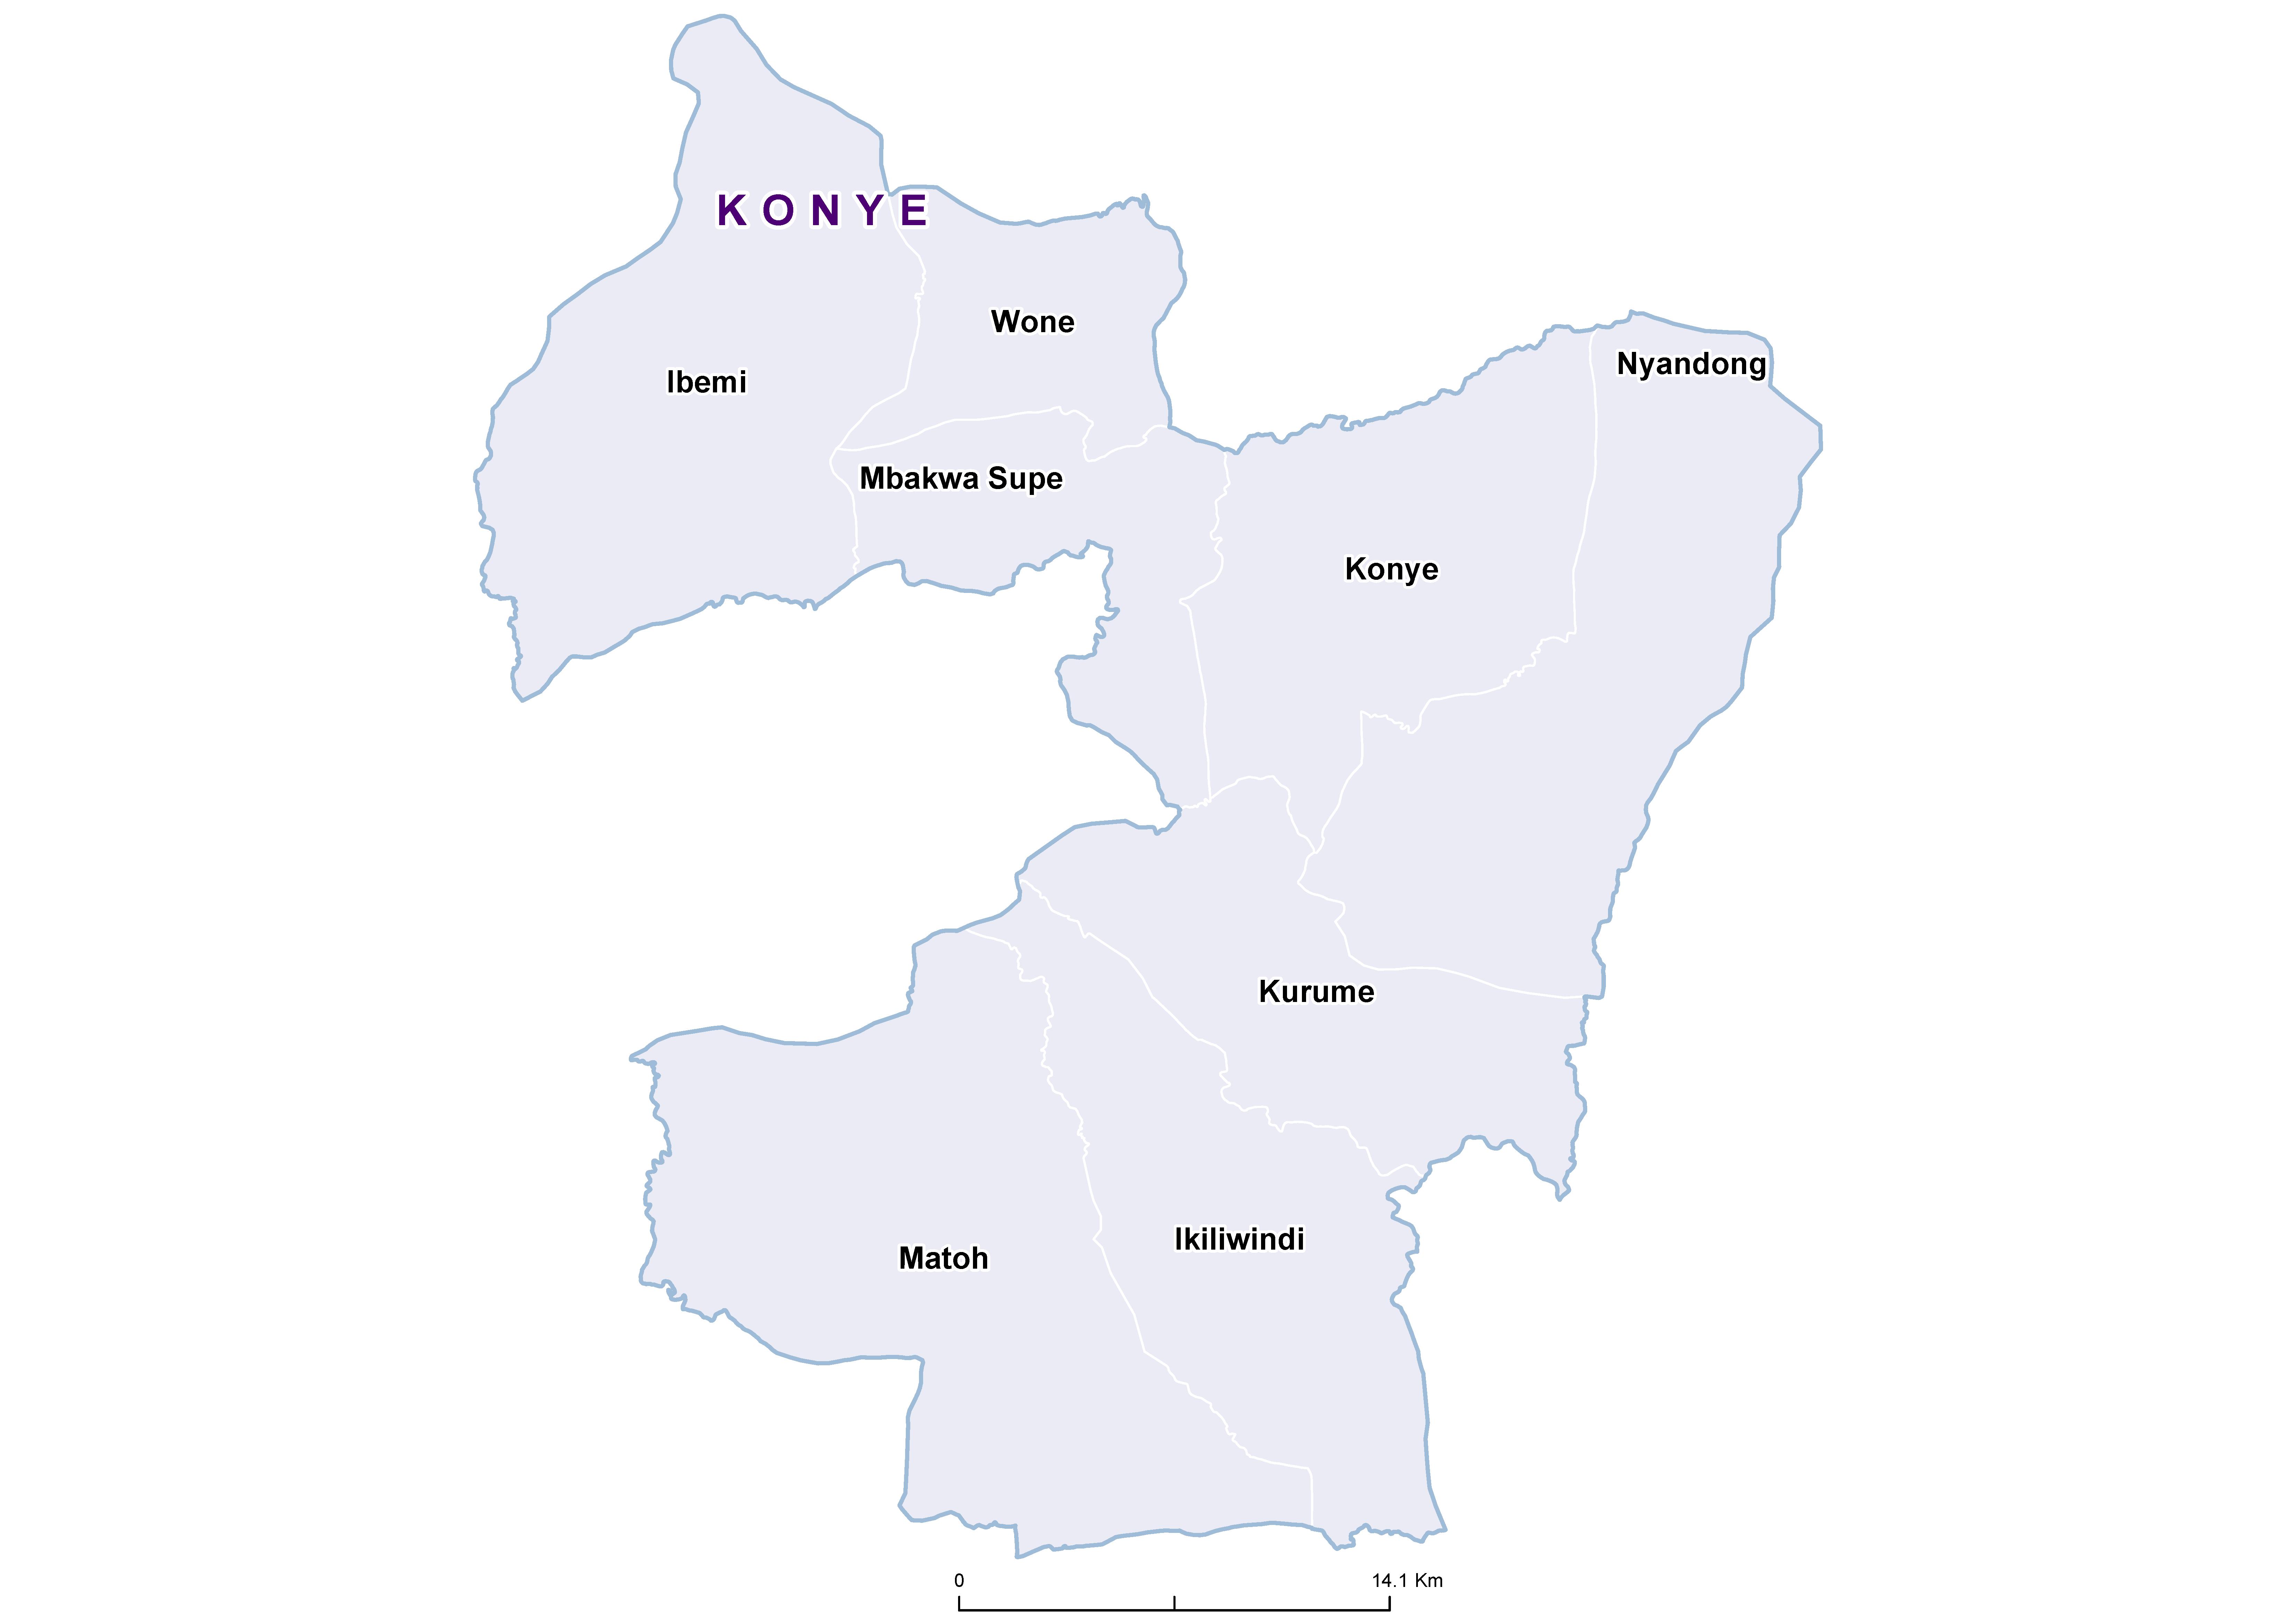 Konye SCH 20180001